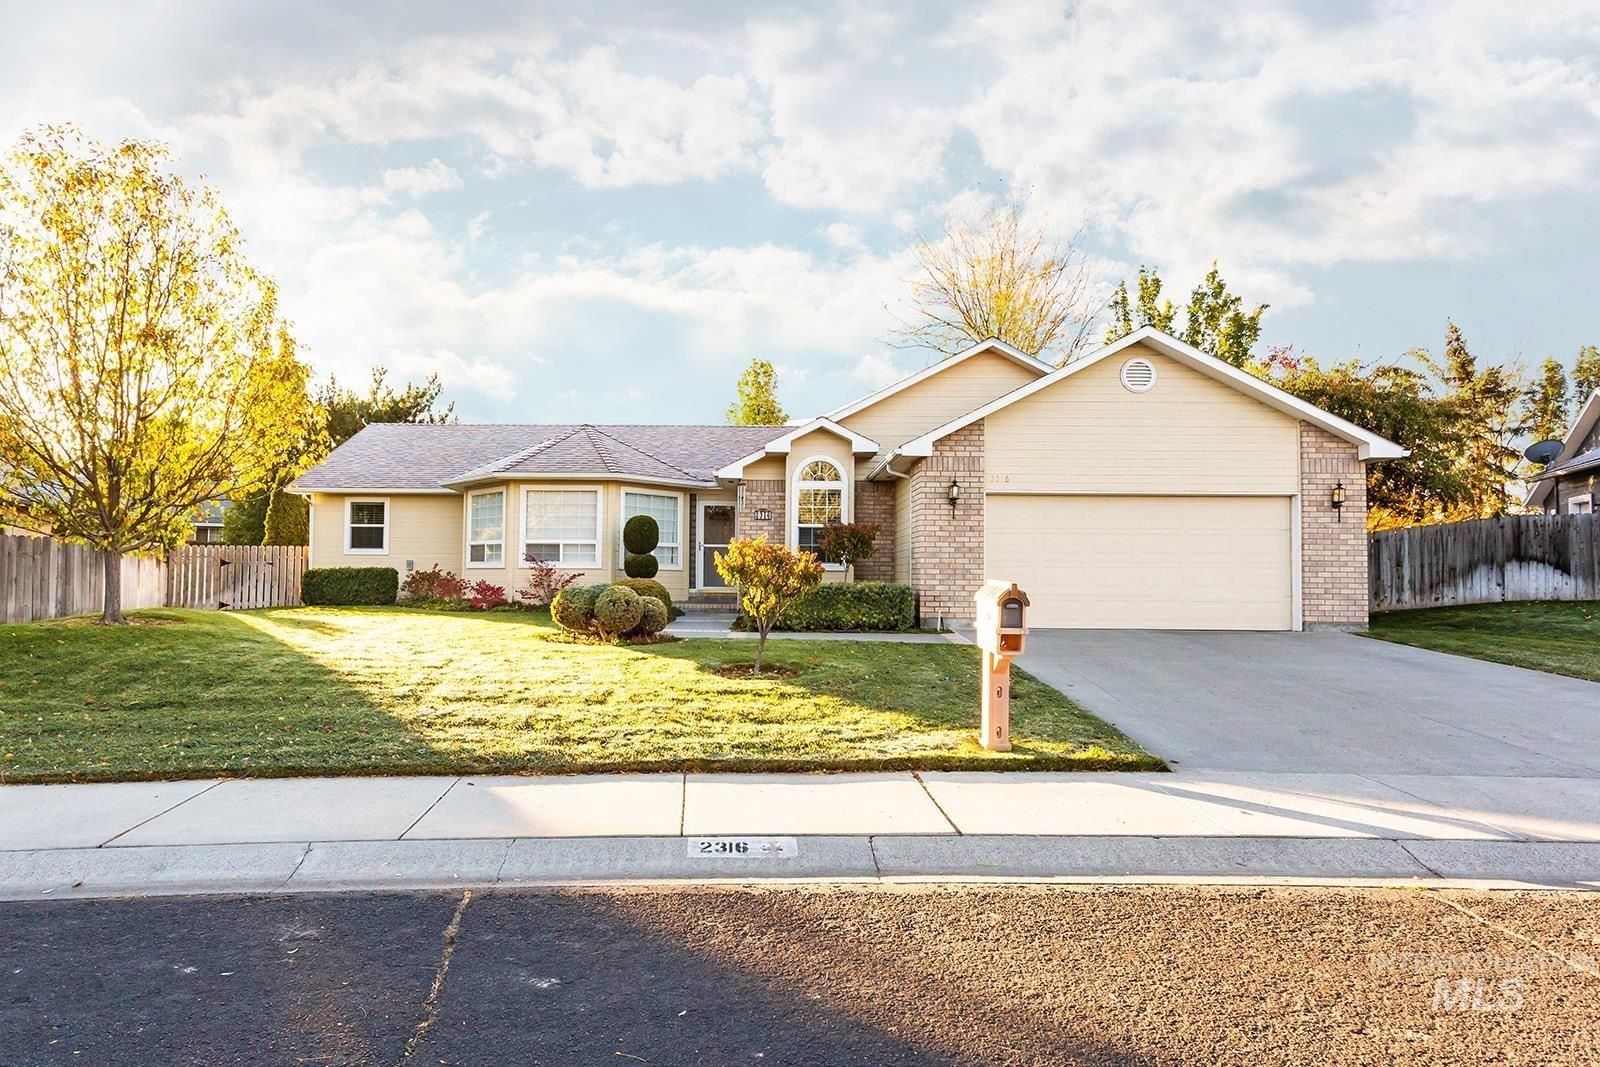 Photo of 2316 Hillcrest Drive, Twin Falls, ID 83301 (MLS # 98822611)